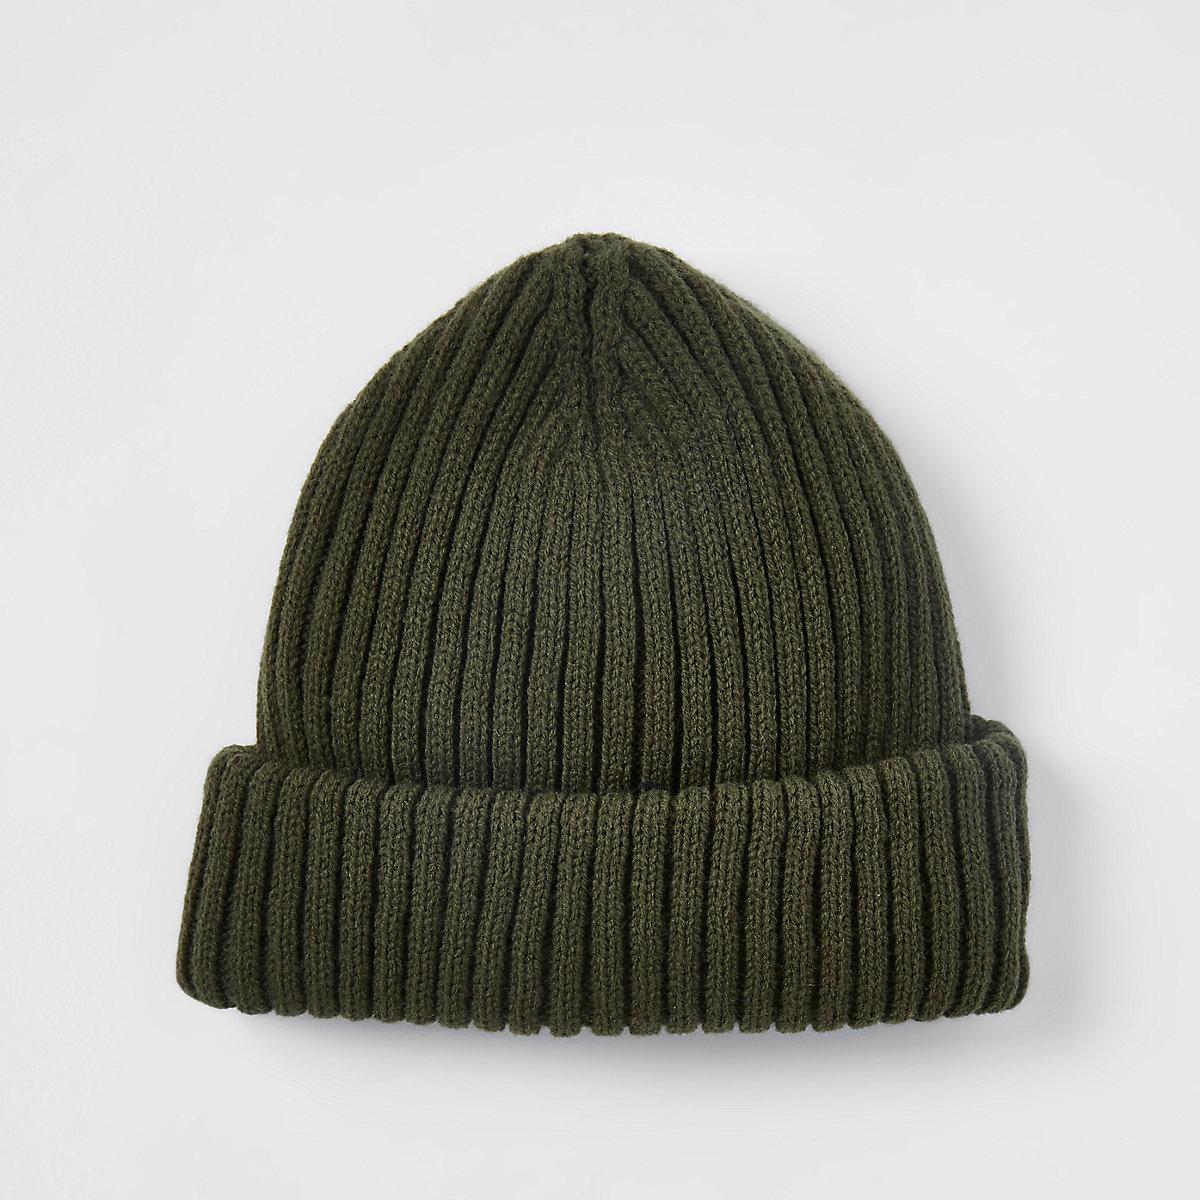 Khaki green fisherman knit beanie hat - Hats   Caps - Accessories - men bd18c2f2941